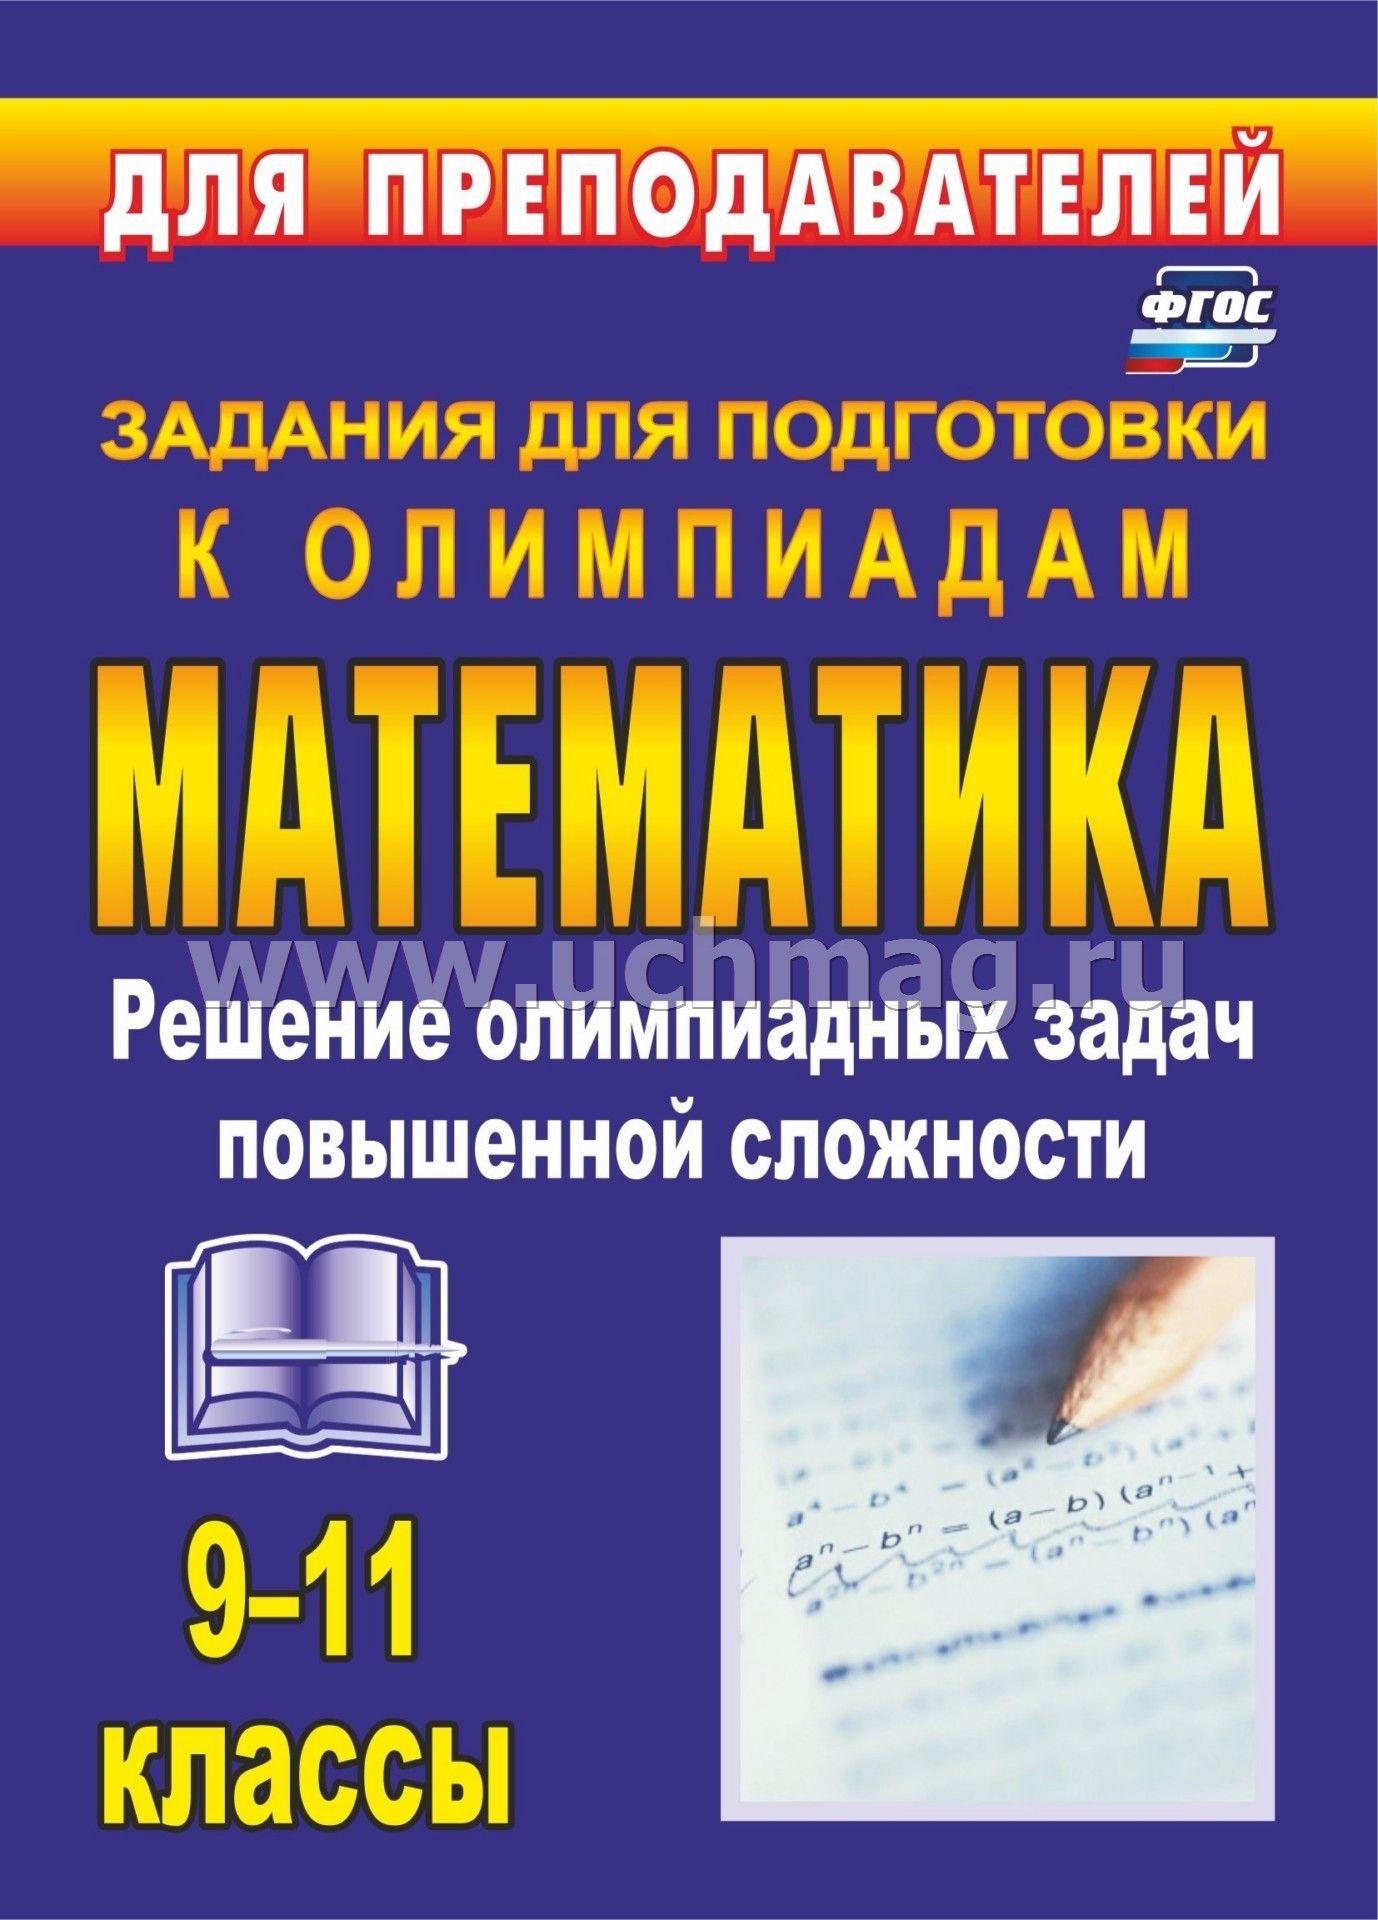 где найти олимпиадные задания по математике